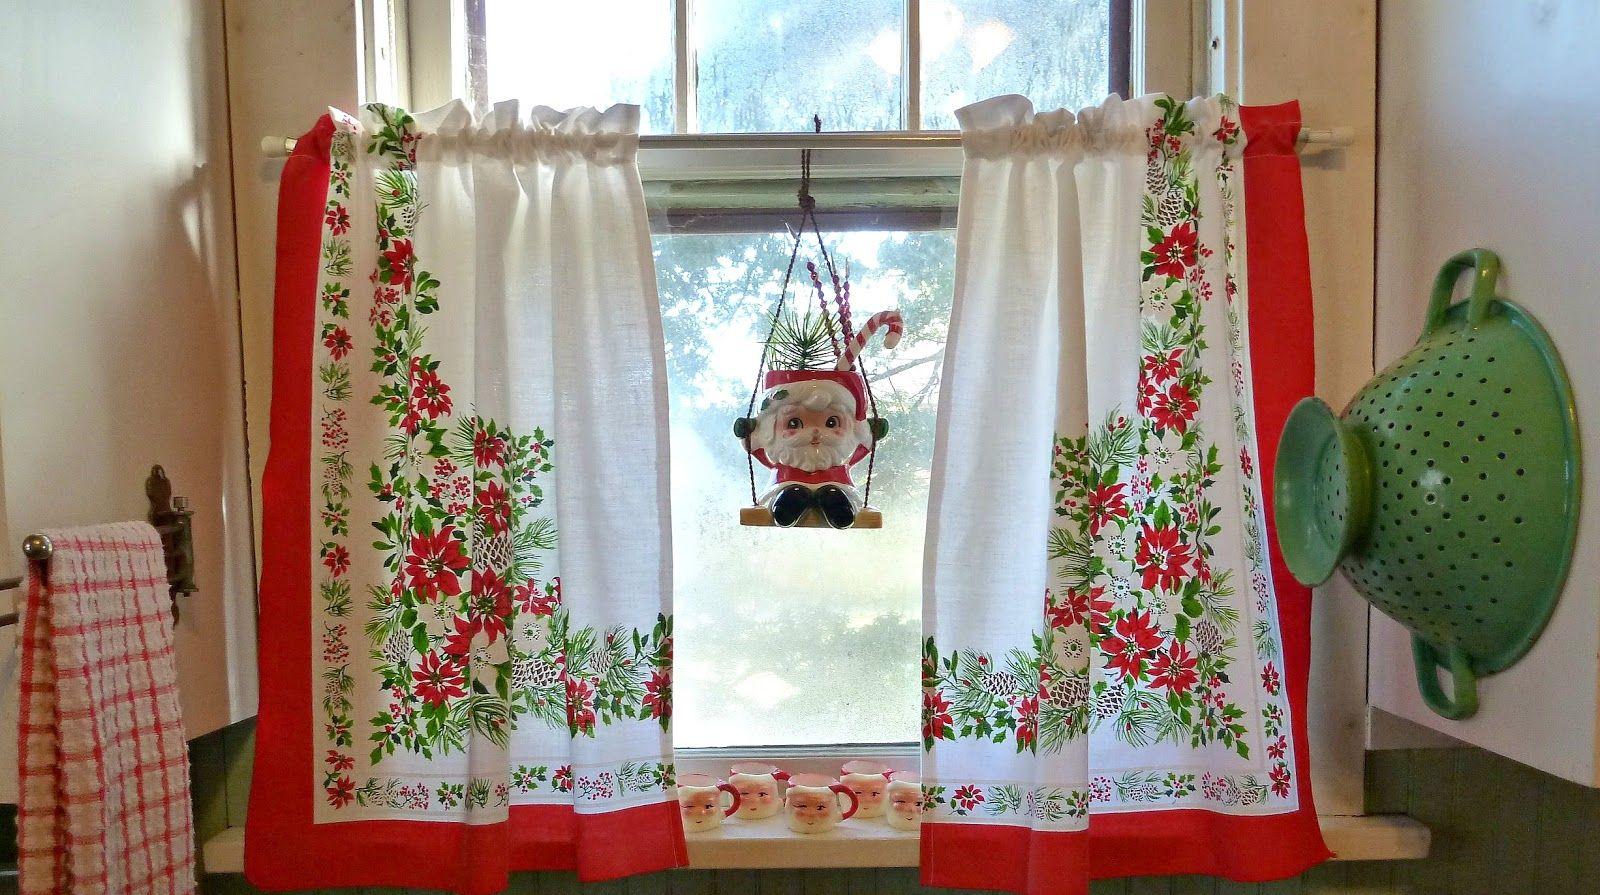 Küche, Fenster Behandlung für eine Bessere Luftzirkulation ...